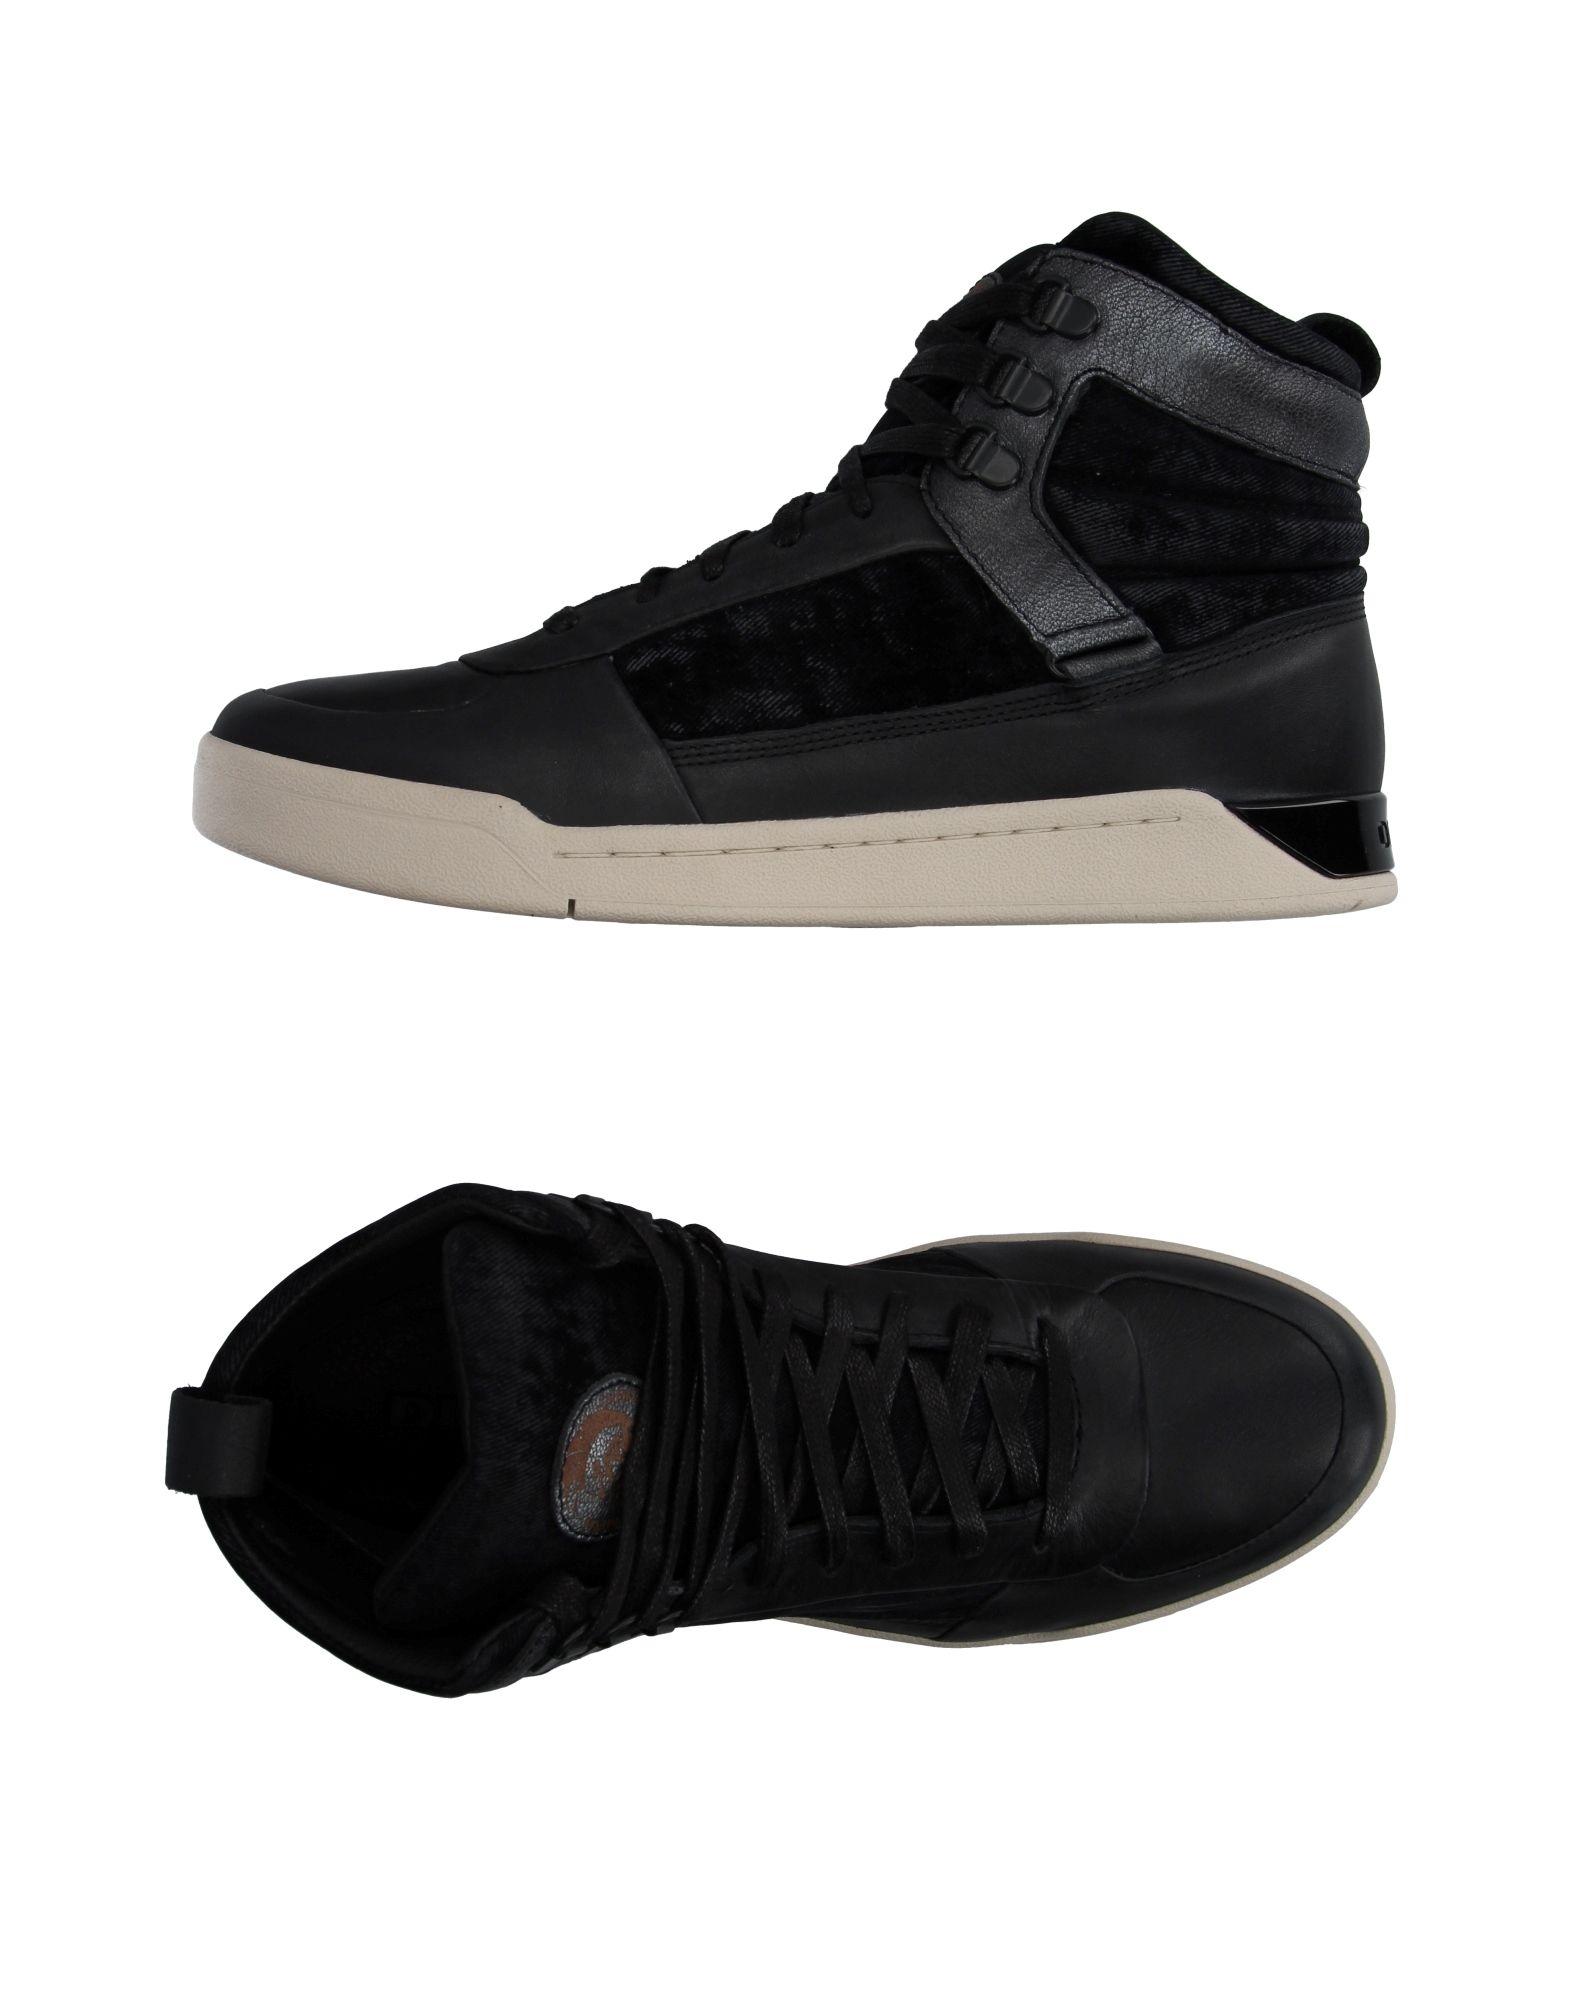 Diesel Sneakers Herren Herren Herren  11067710KT Gute Qualität beliebte Schuhe 0c660e